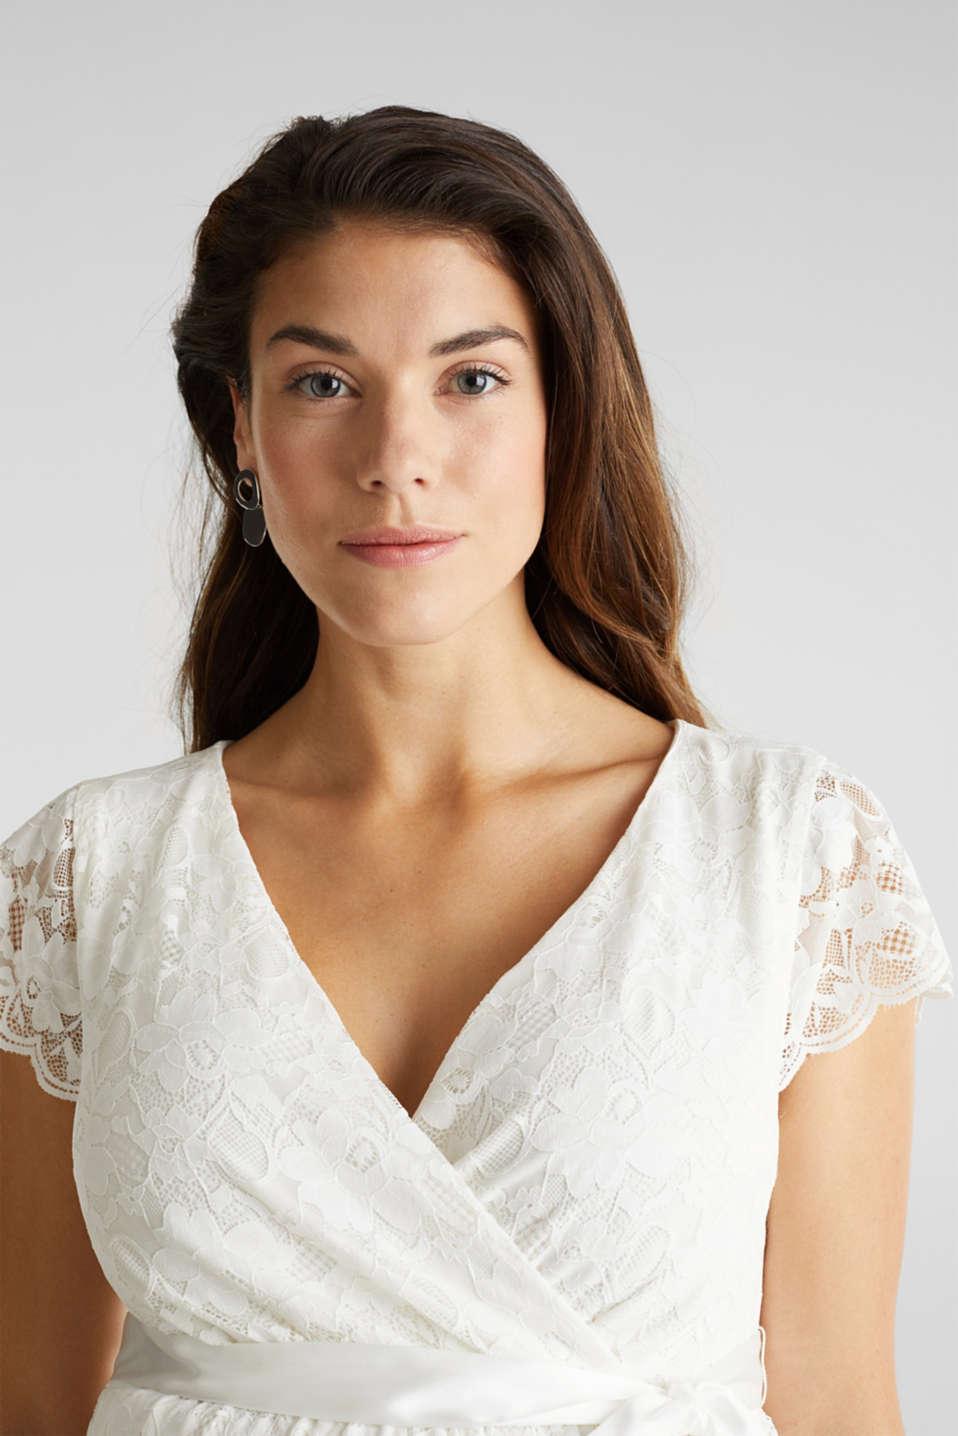 Nursing wedding dress, LCOFF WHITE, detail image number 6